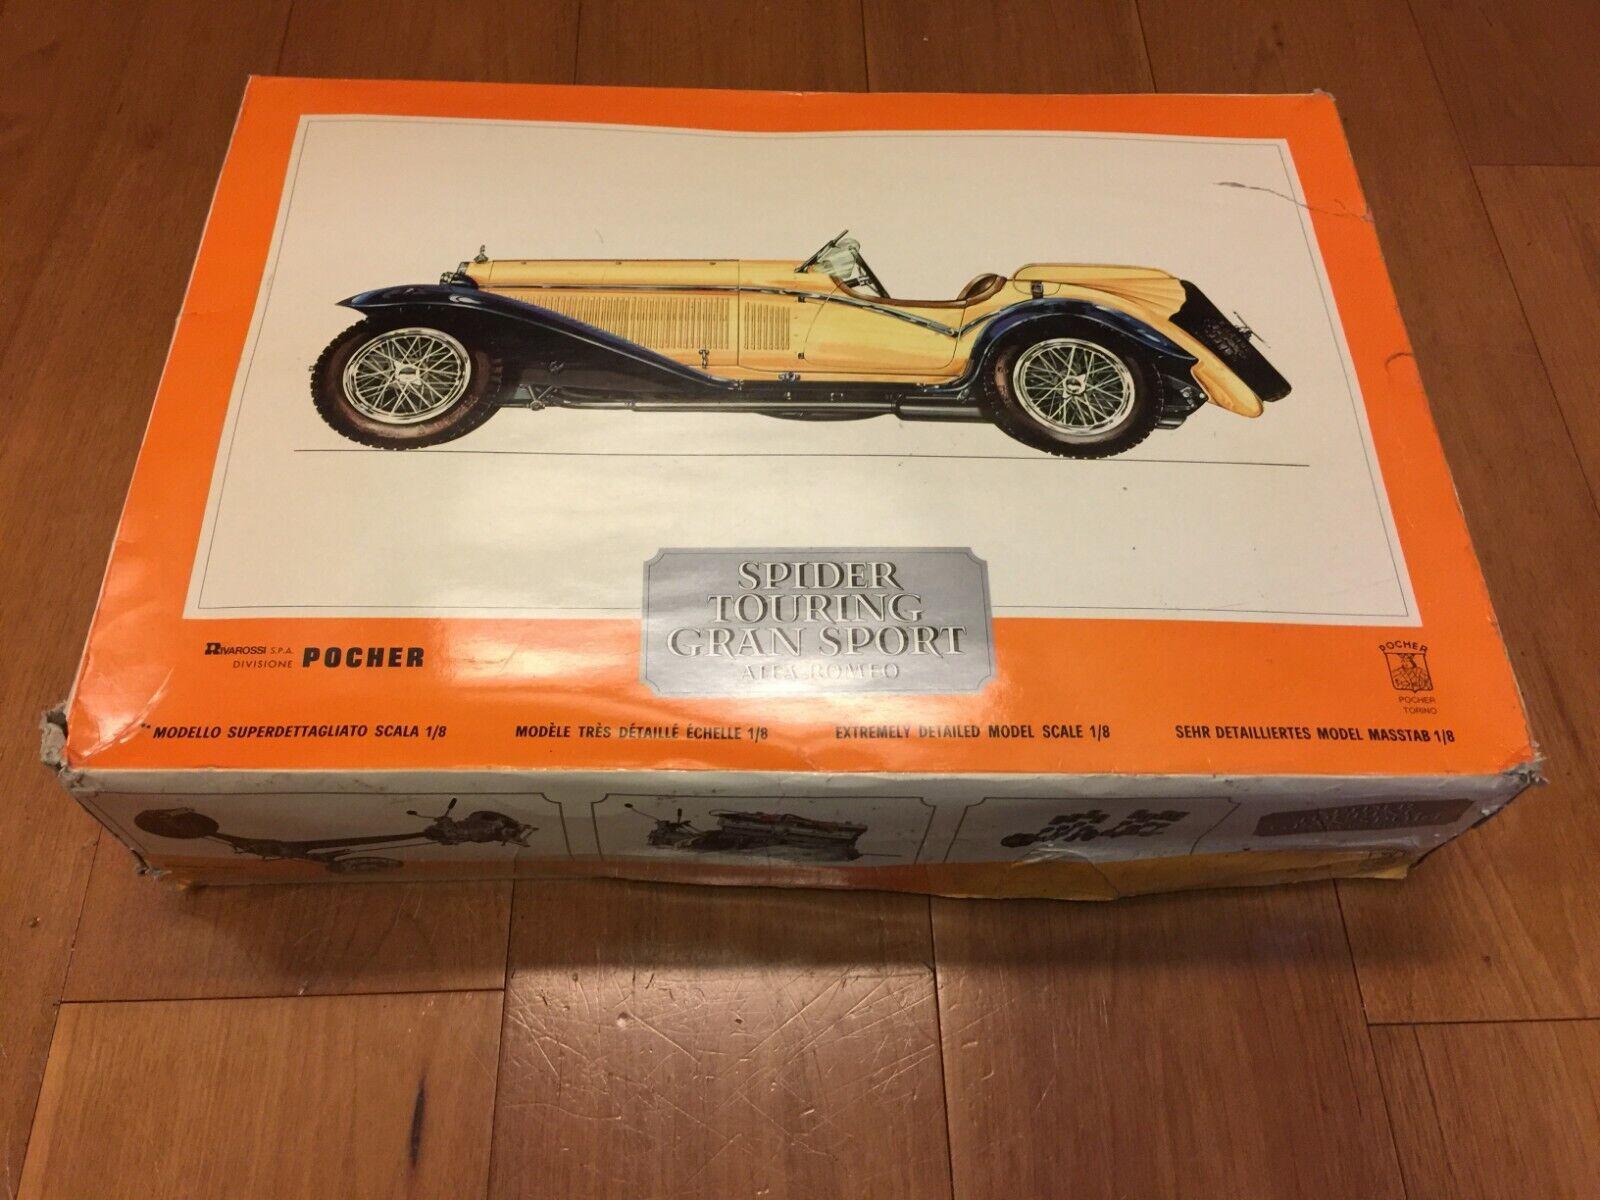 Envíos y devoluciones gratis. POCHER ALFA ROMEO spider touring gran sport sport sport 1976 scale 1 8 vintage rare  aquí tiene la última